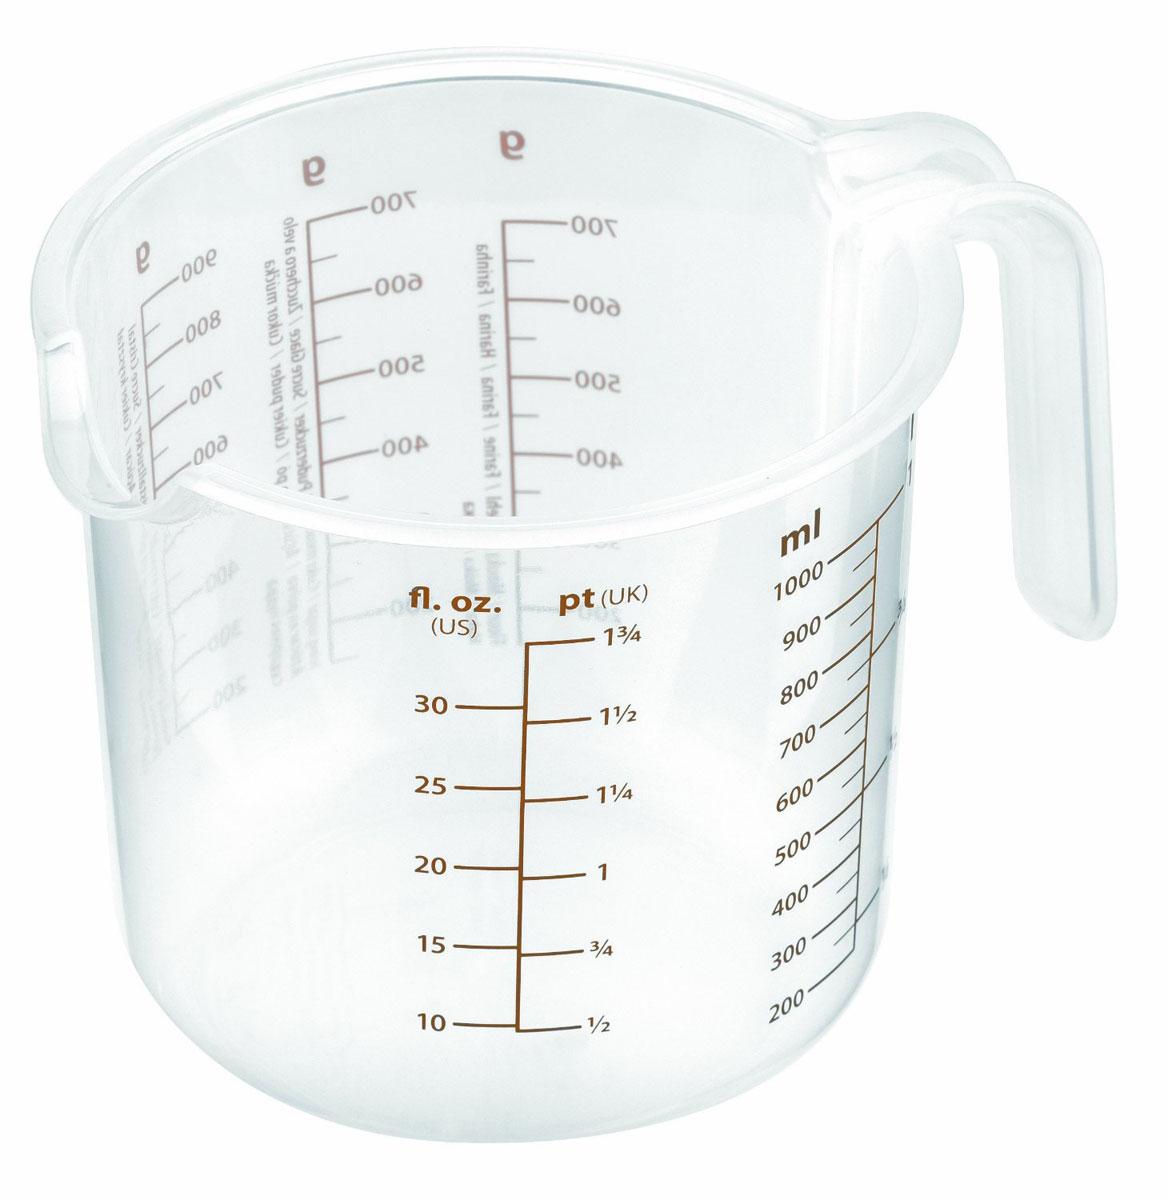 Емкость мерная Tescoma Delicia, 0,5 л630406Мерная емкость Tescoma Delicia выполнена из прозрачного пластика и оснащена удобной ручкой и носиком для слива жидкости. На стенке изделия имеются отдельные мерные шкалы. Такая емкость пригодится на каждой кухне, ведь зачастую приготовление некоторых блюд требует известной точности. Диаметр емкости (по верхнему краю): 9 см. Высота емкости: 11 см.